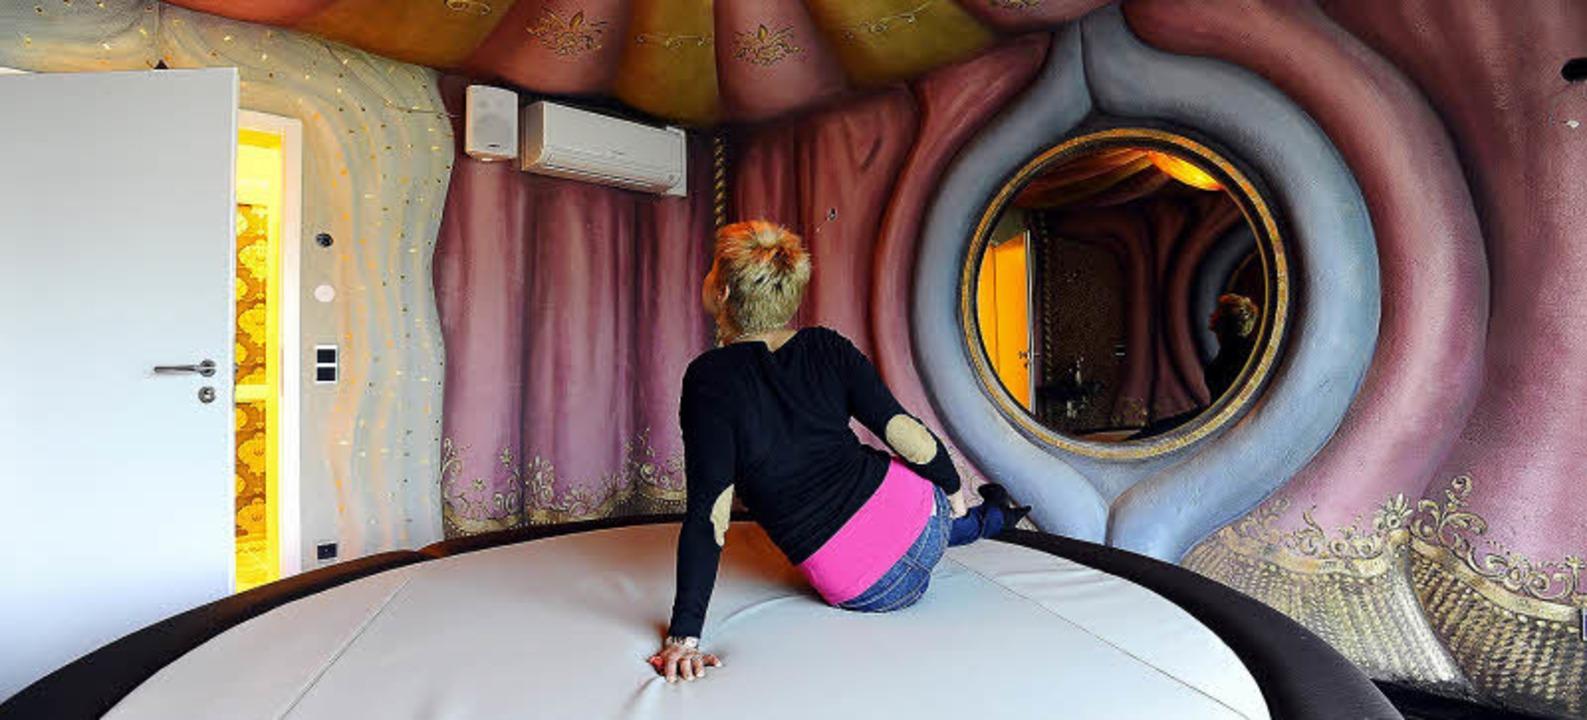 Farbenfroher Kitsch: eine der im FKK-Palast arbeitenden  Prostituierten  | Foto: ingo schneider